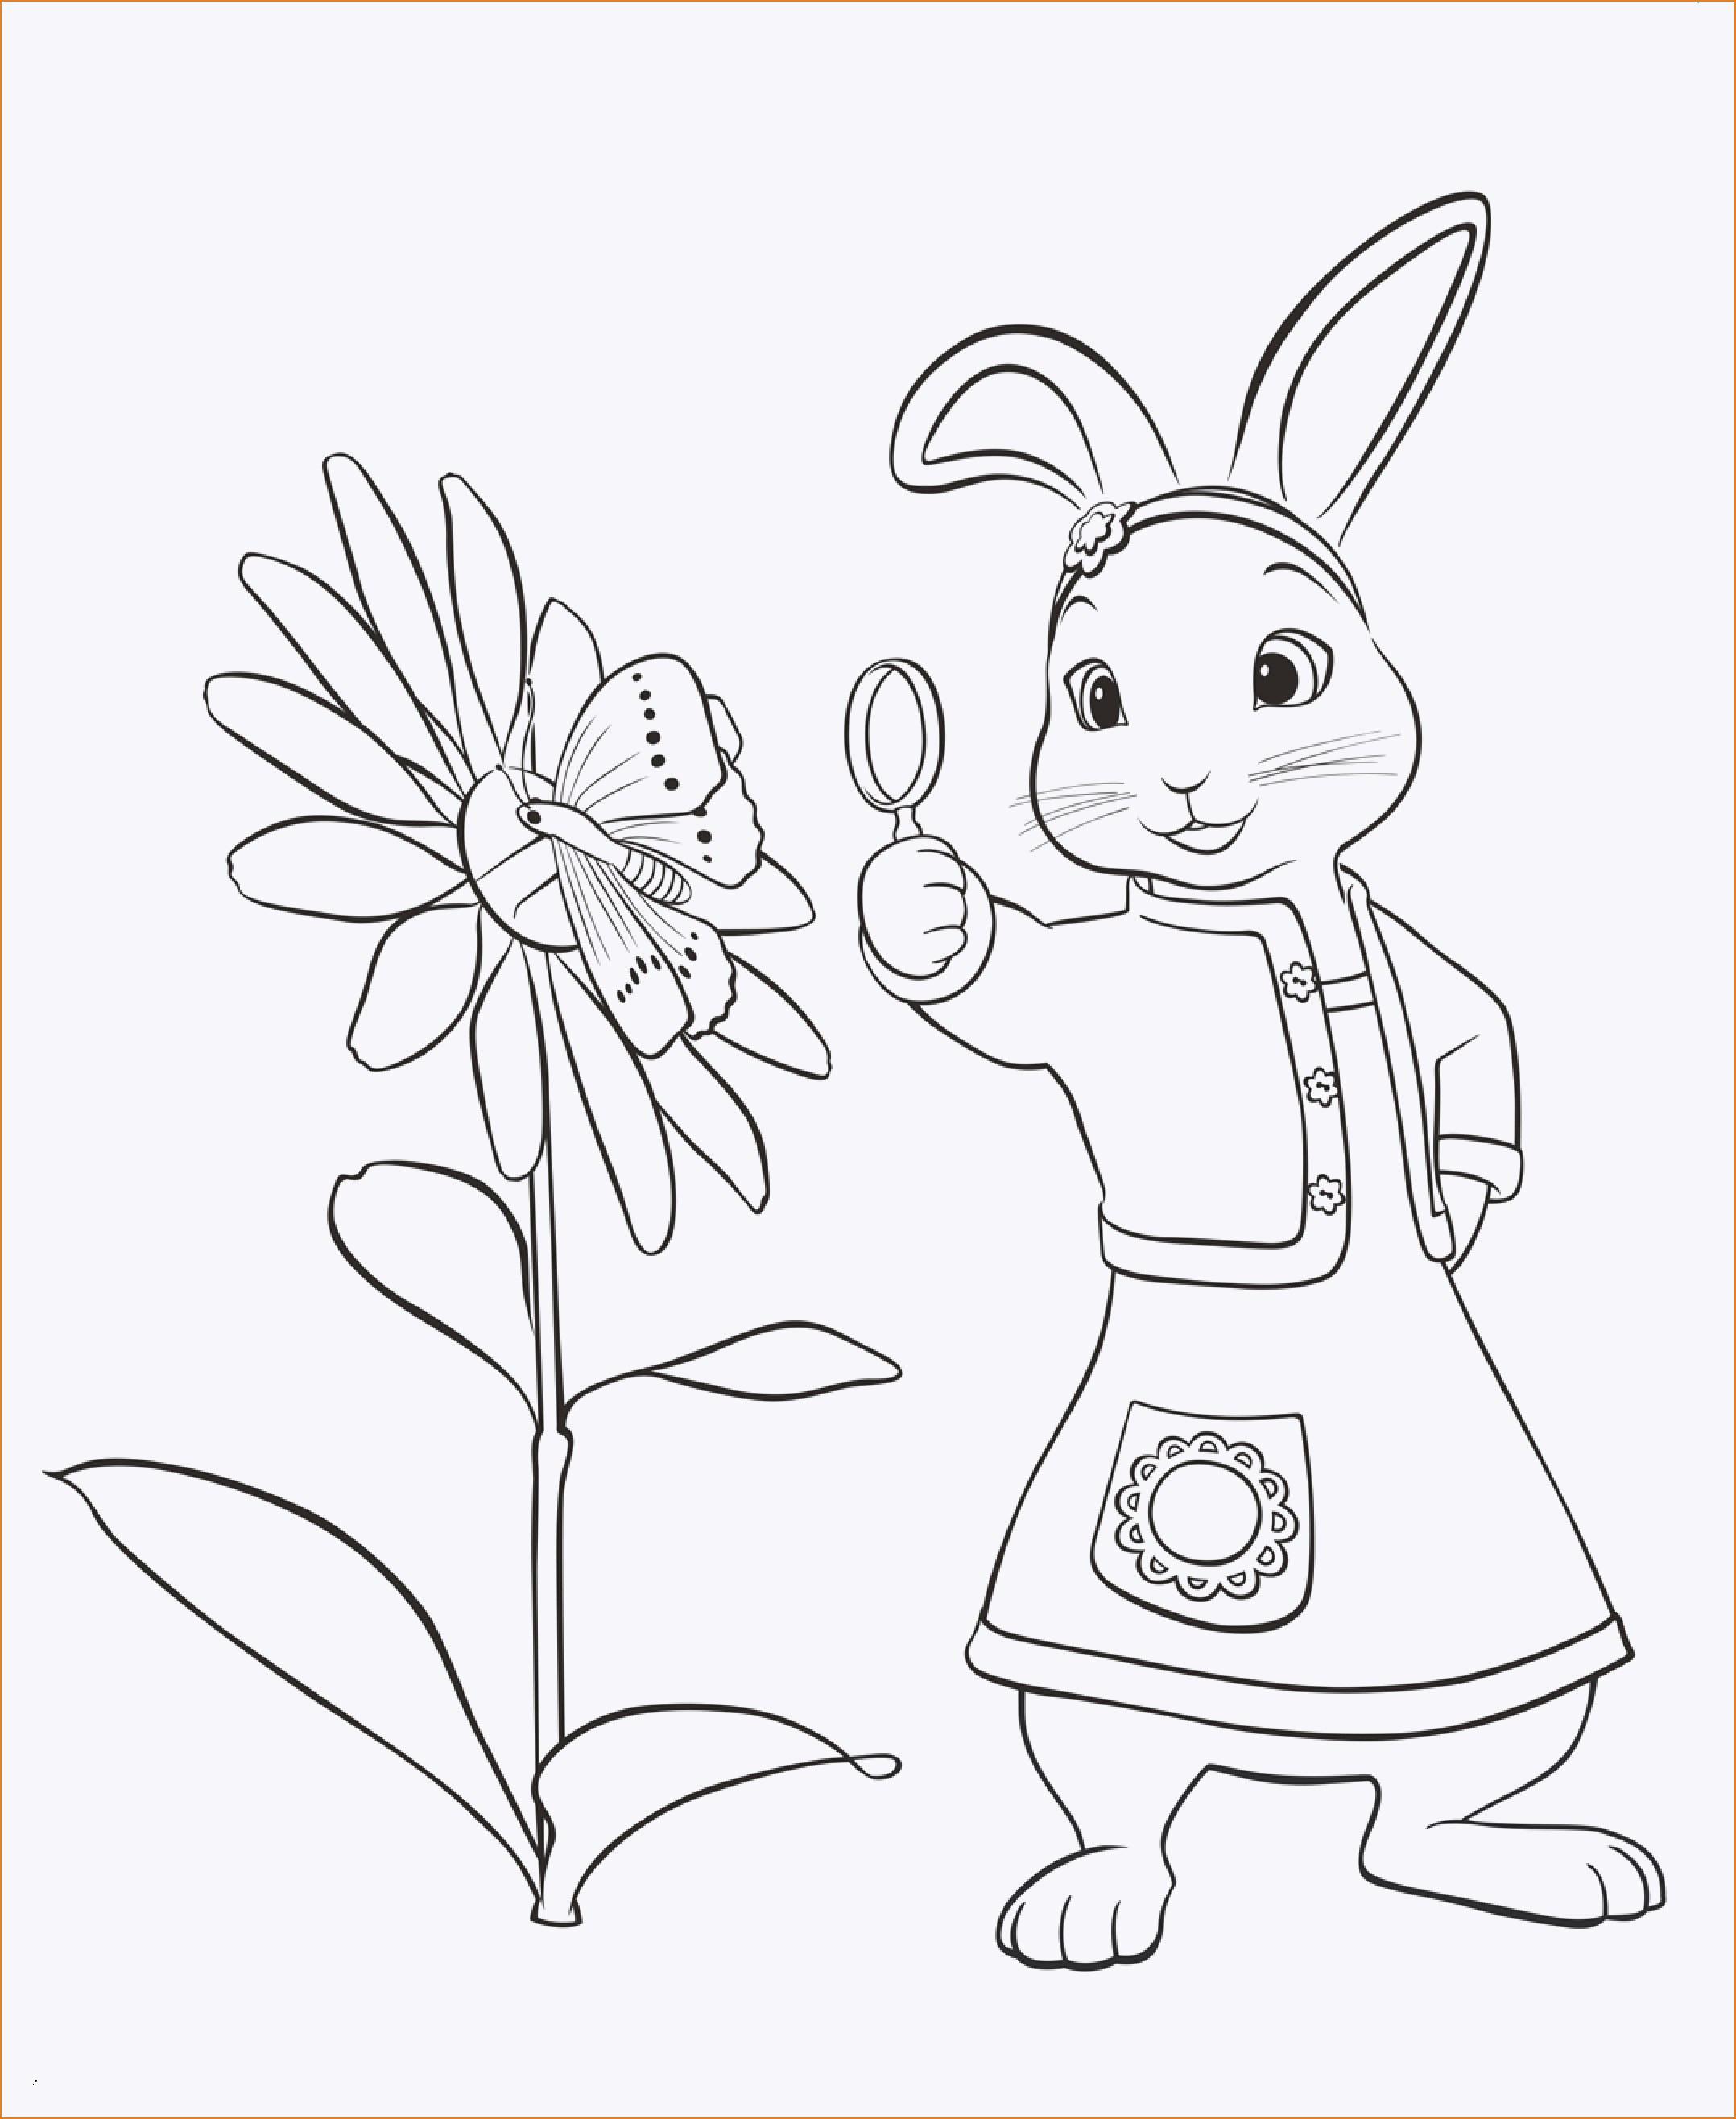 Hase Malen Vorlage Genial 44 Beispiel Hase Ausmalbilder Zum Ausdrucken Treehouse Nyc Galerie